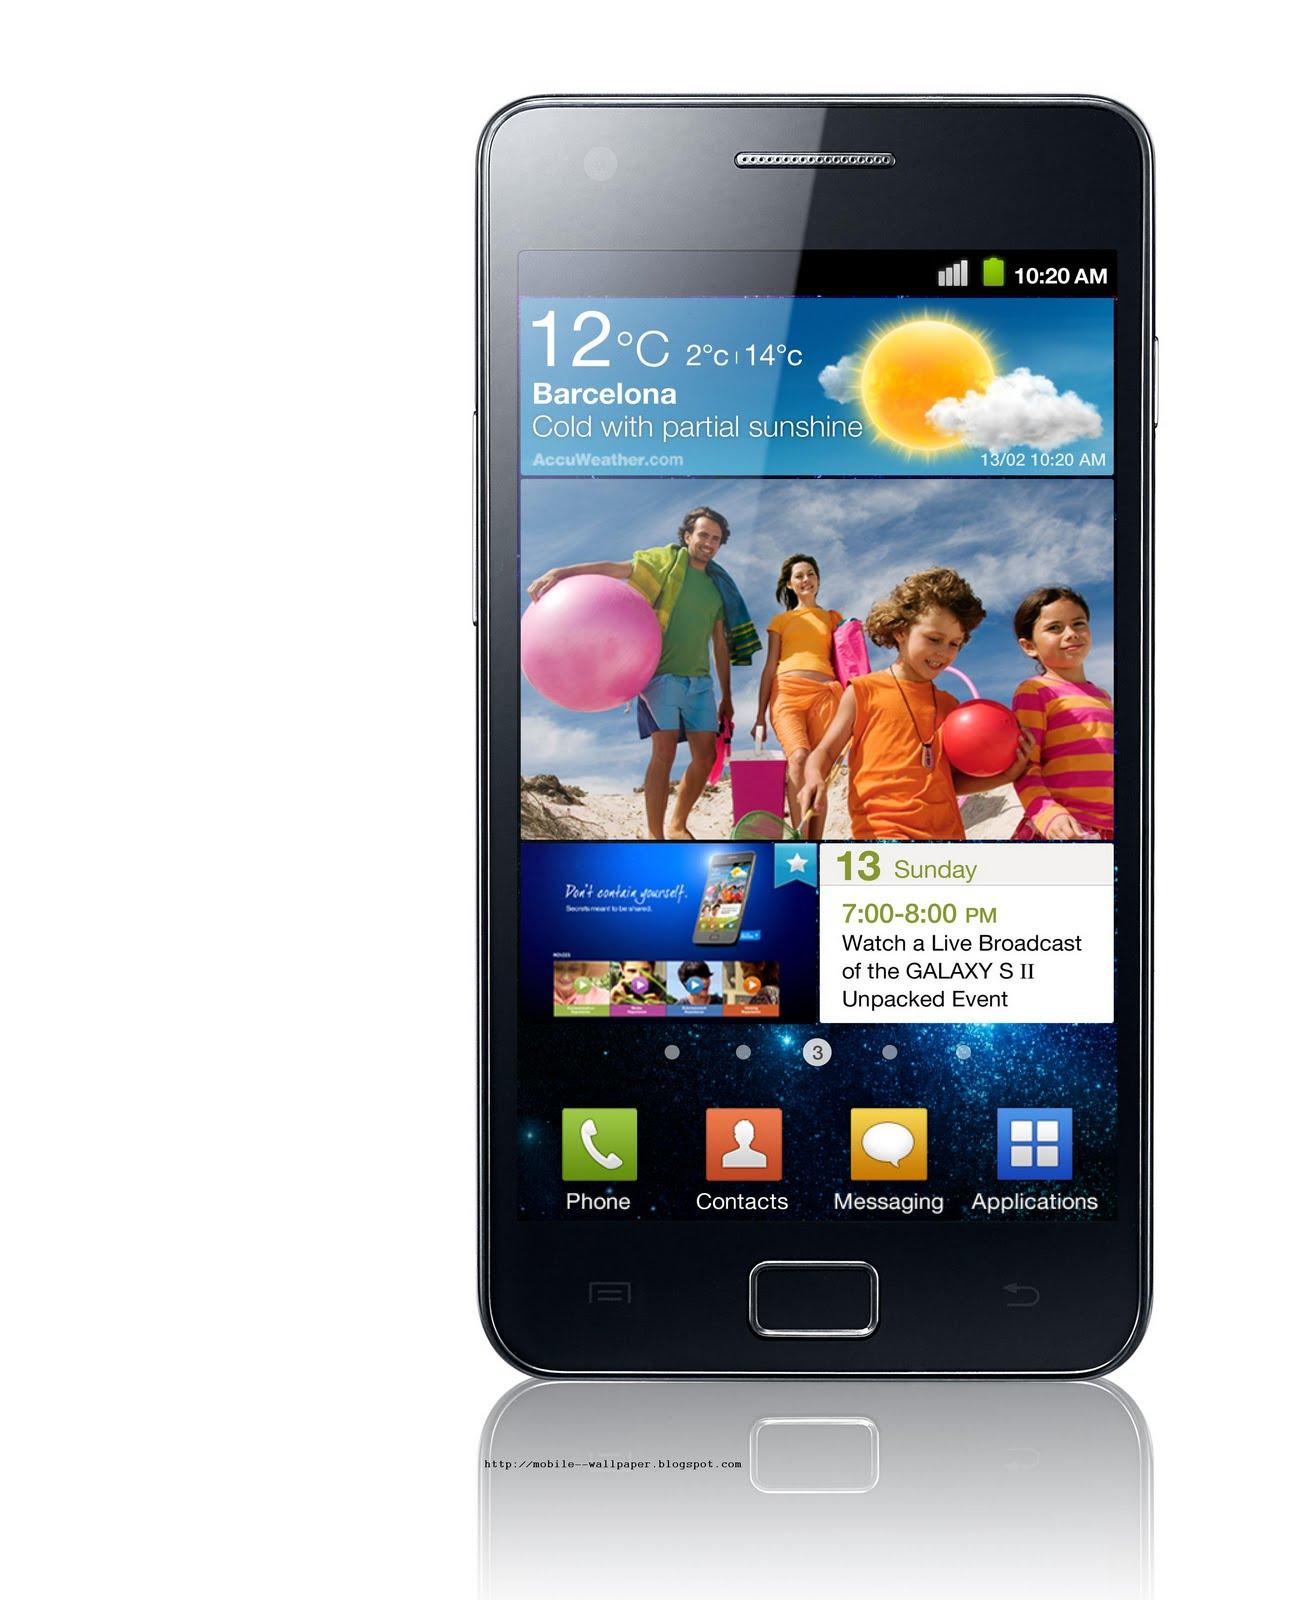 imagens para celular nokia 200 - As imagens gratuitas para Nokia Asha 200 Baixar